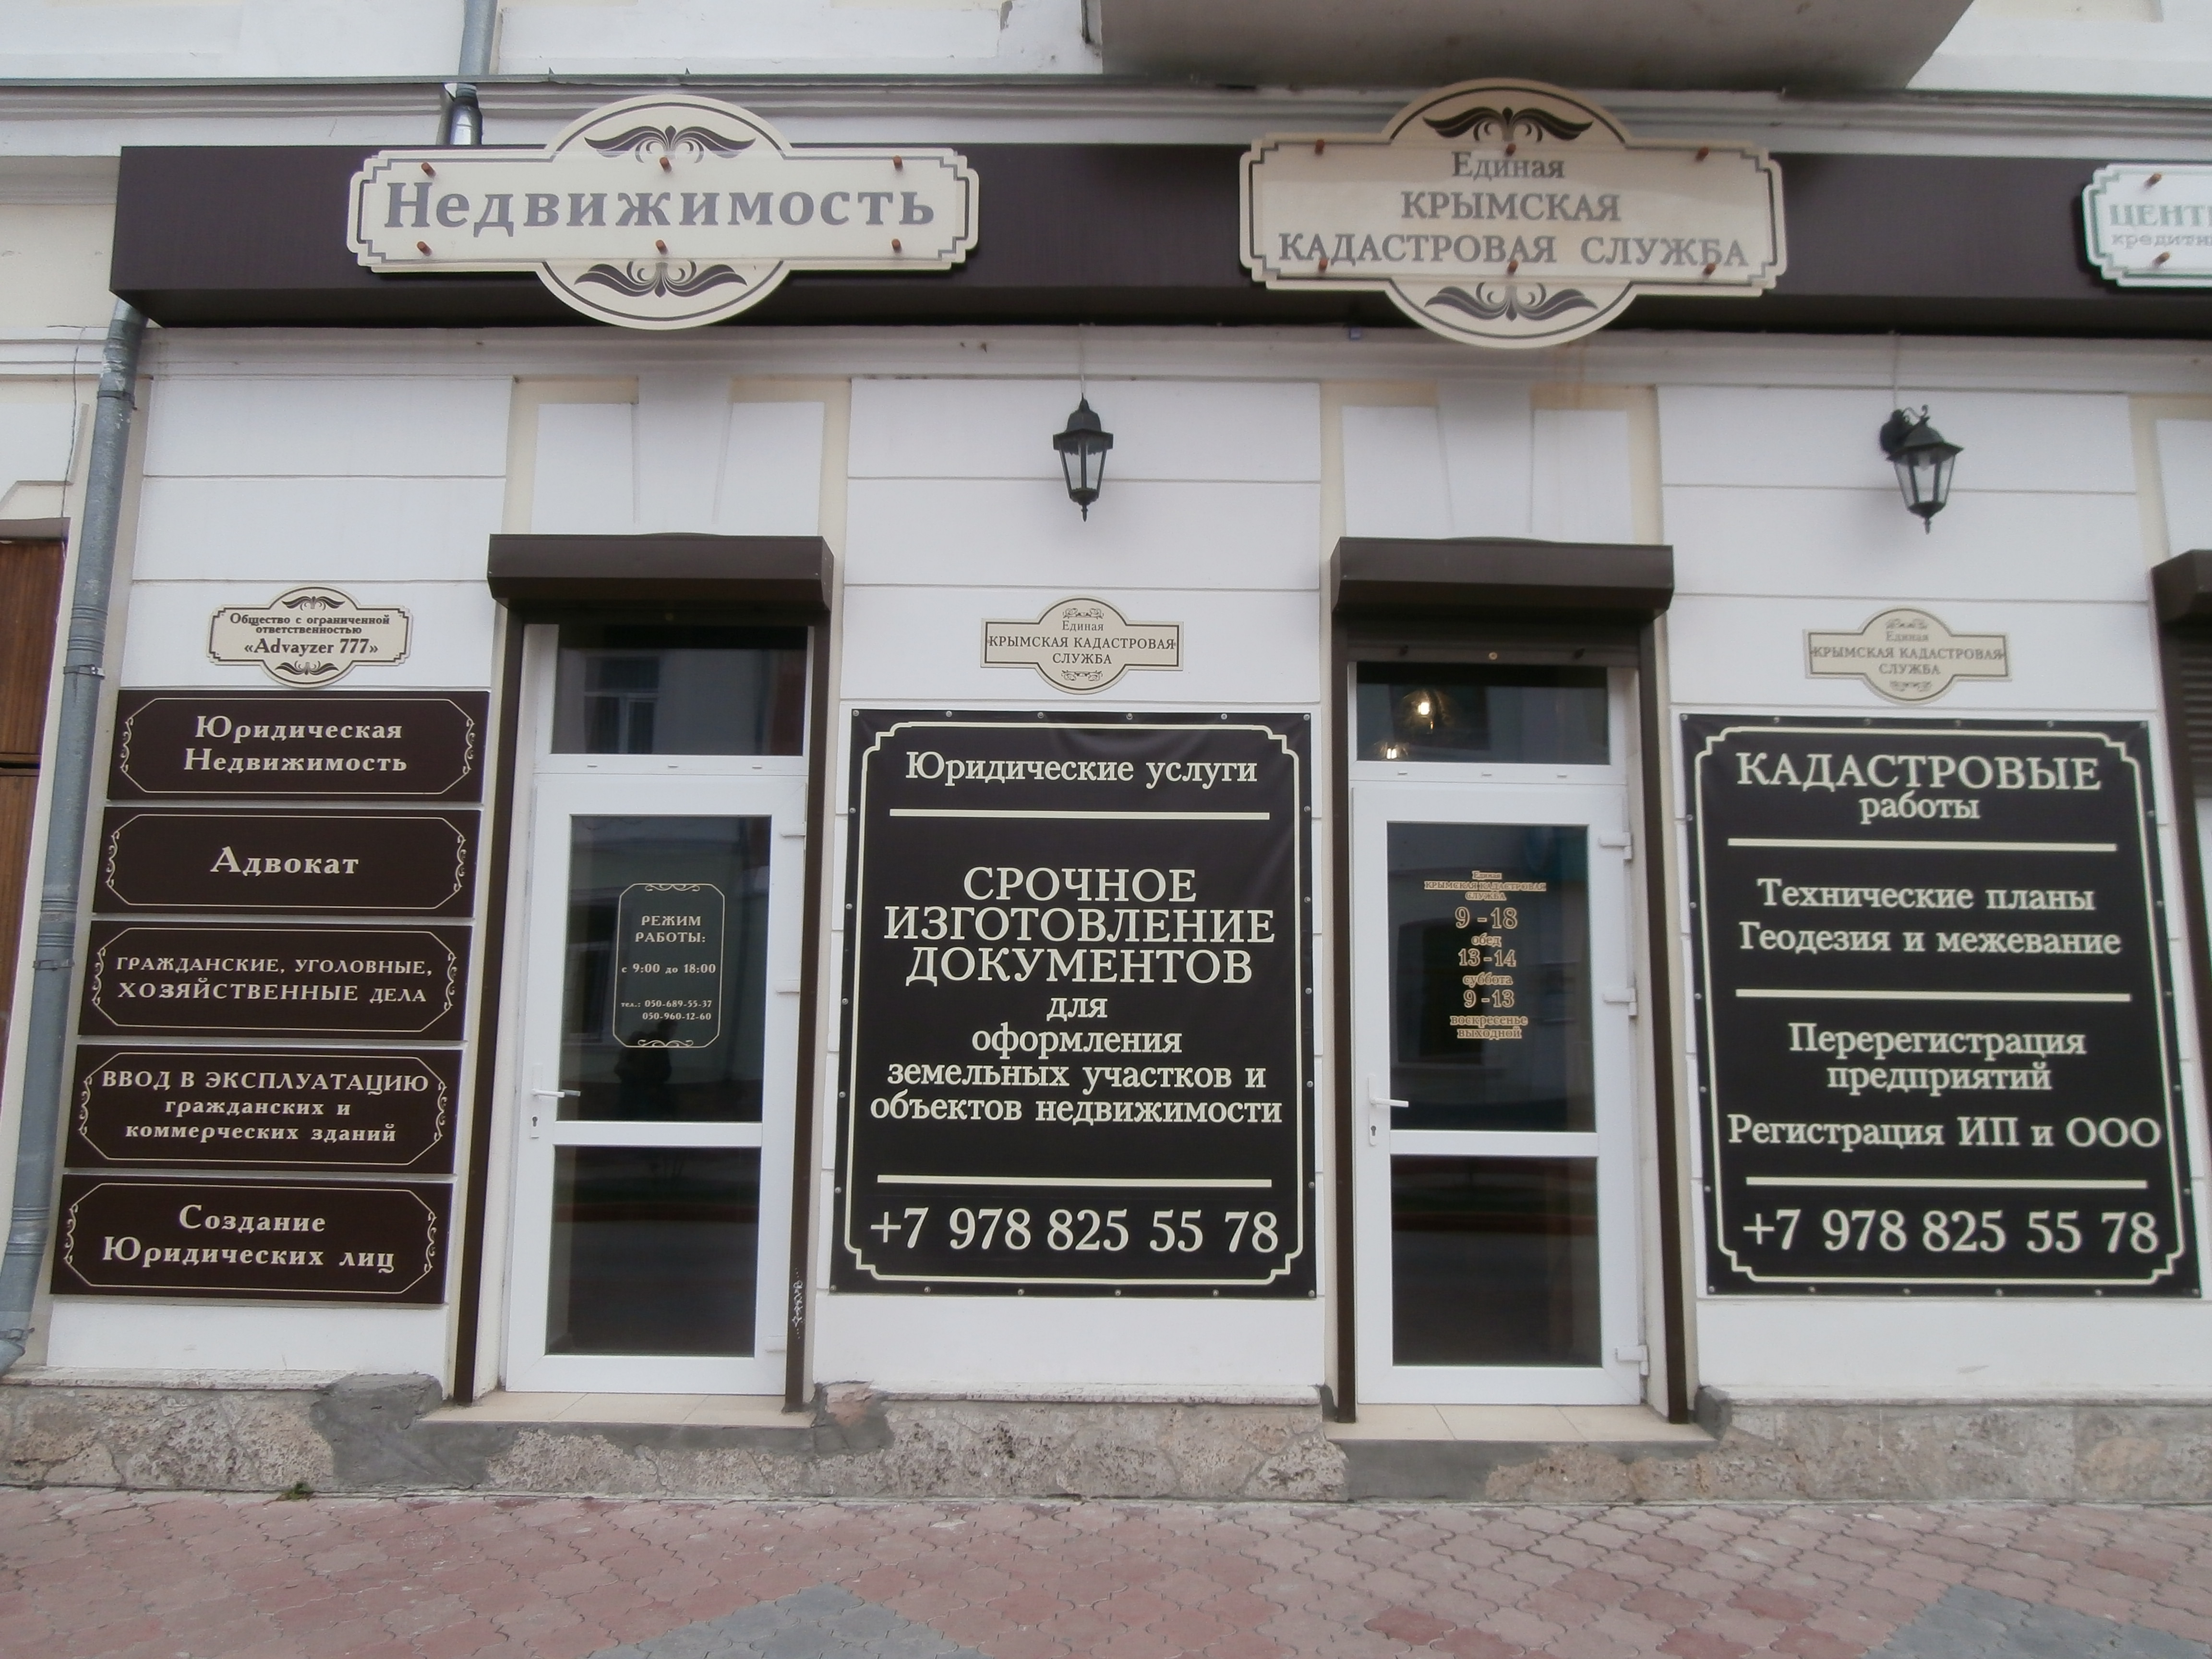 Единый Крымский Кадастровый Центр, ООО фасад